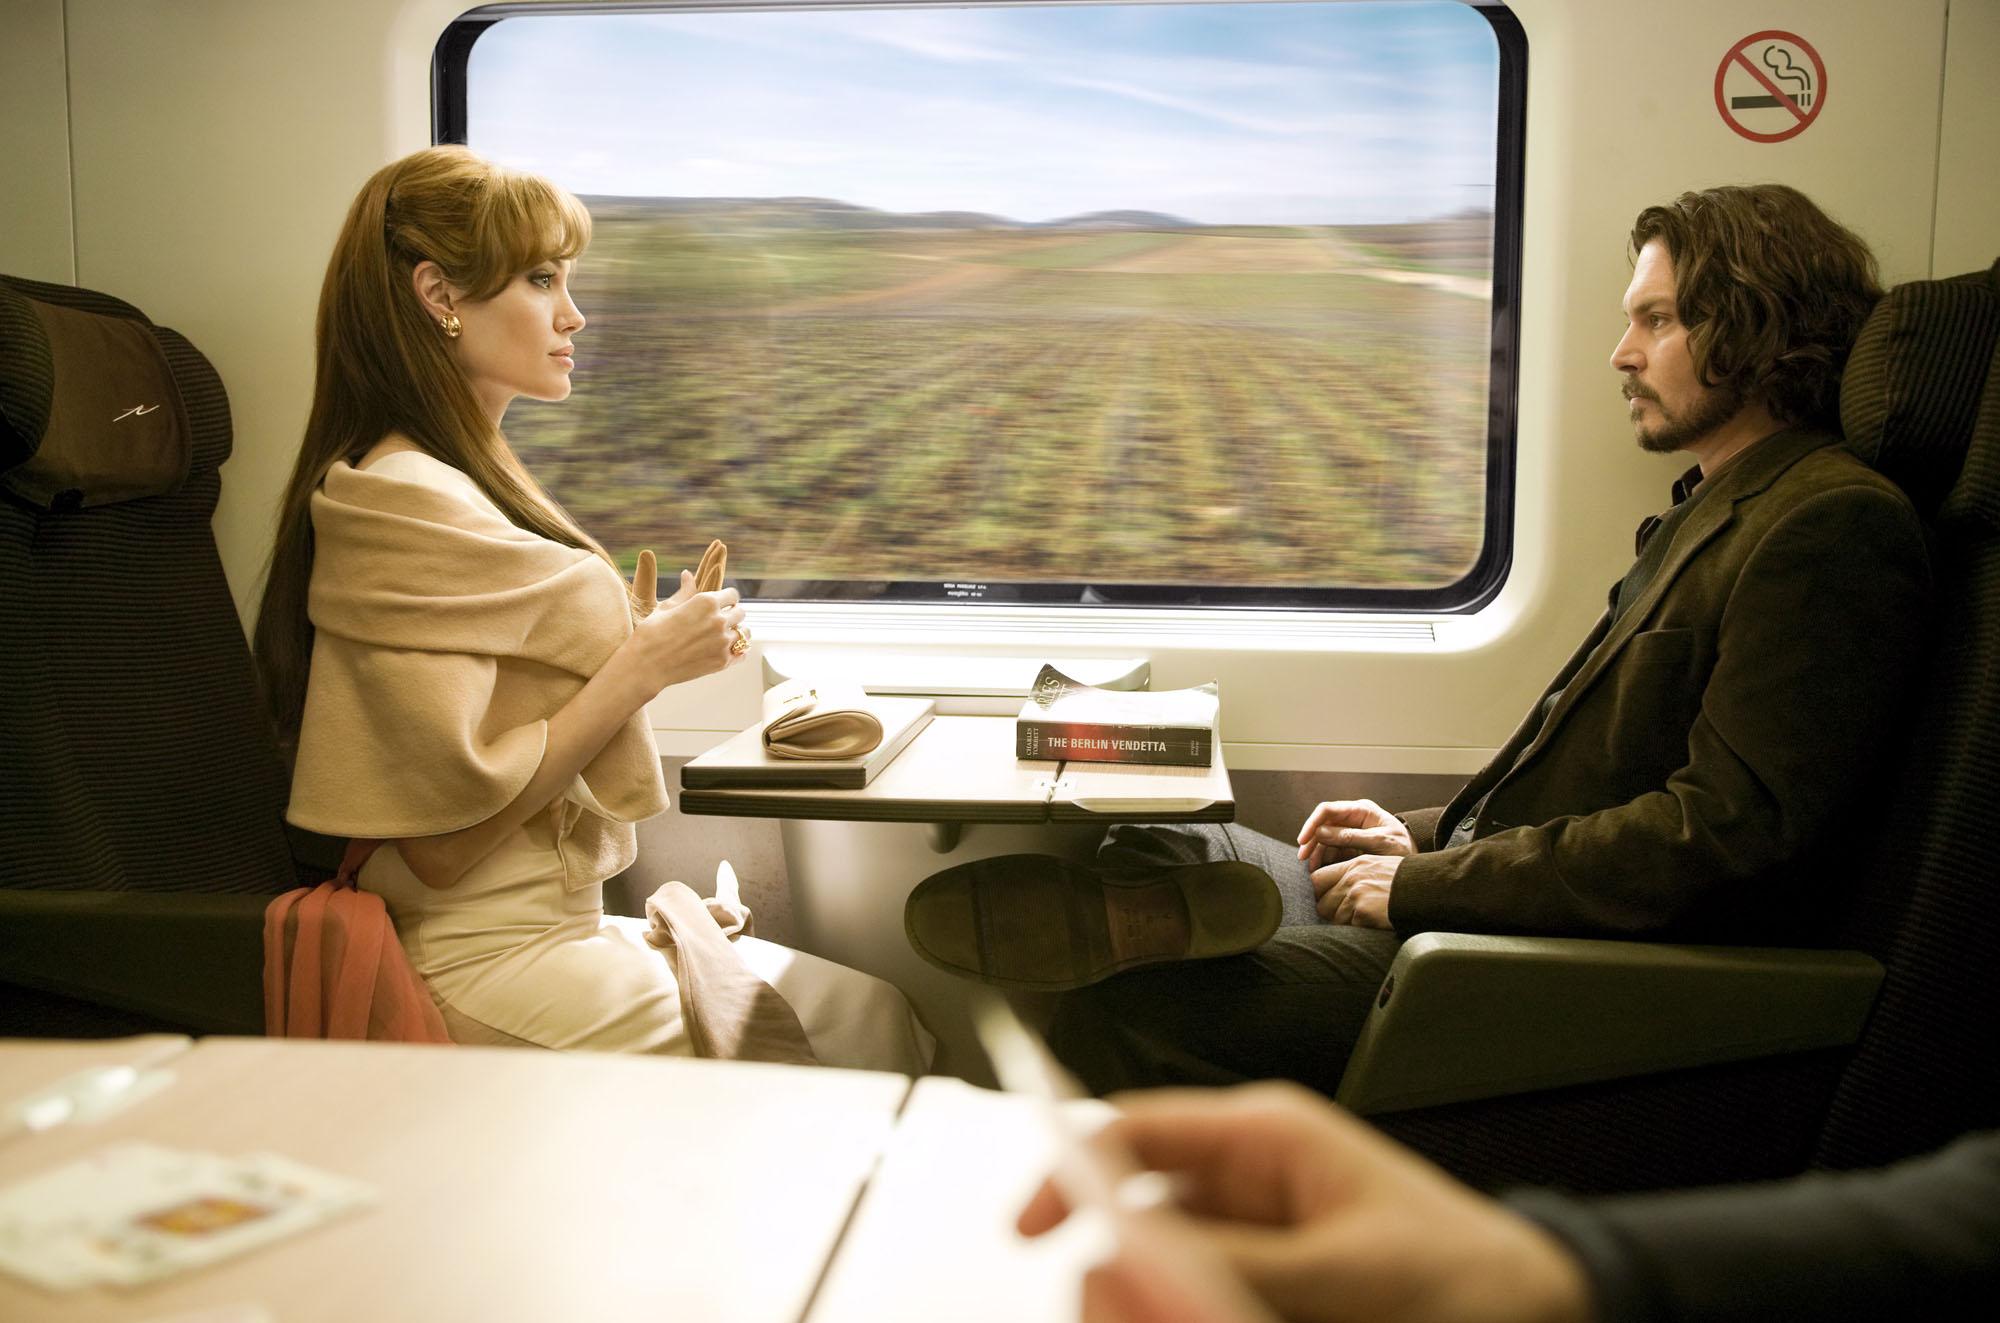 Фото двое в купе поезда 14 фотография